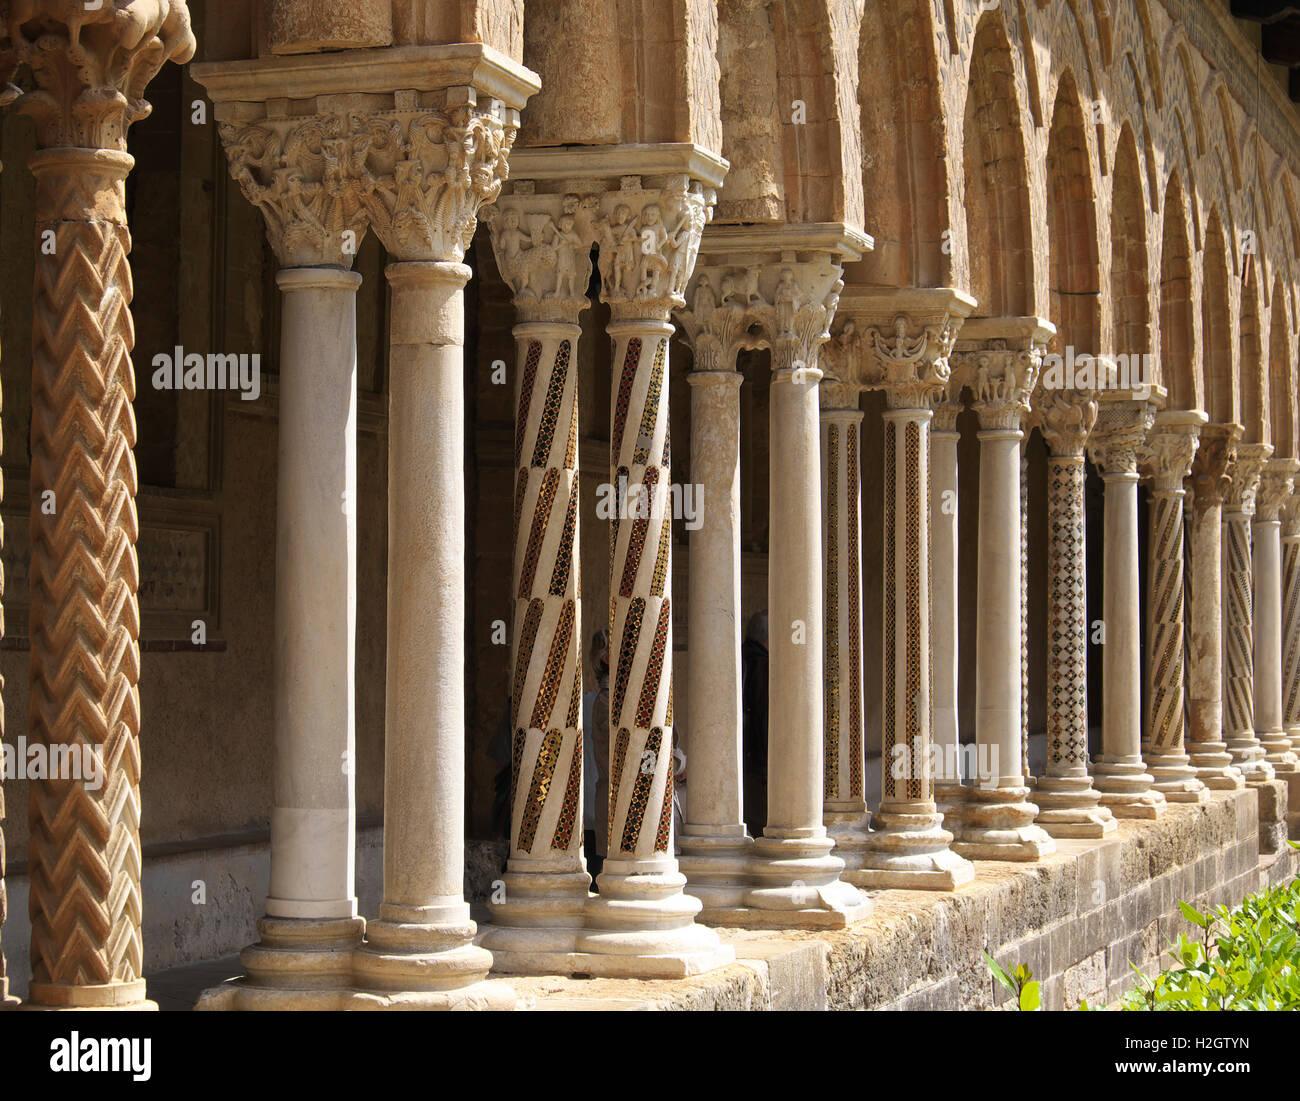 Kreuzgang mit reich verzierten Säulen im Hof der Kathedrale von Monreale, Monreale, Sizilien, Italien Stockbild